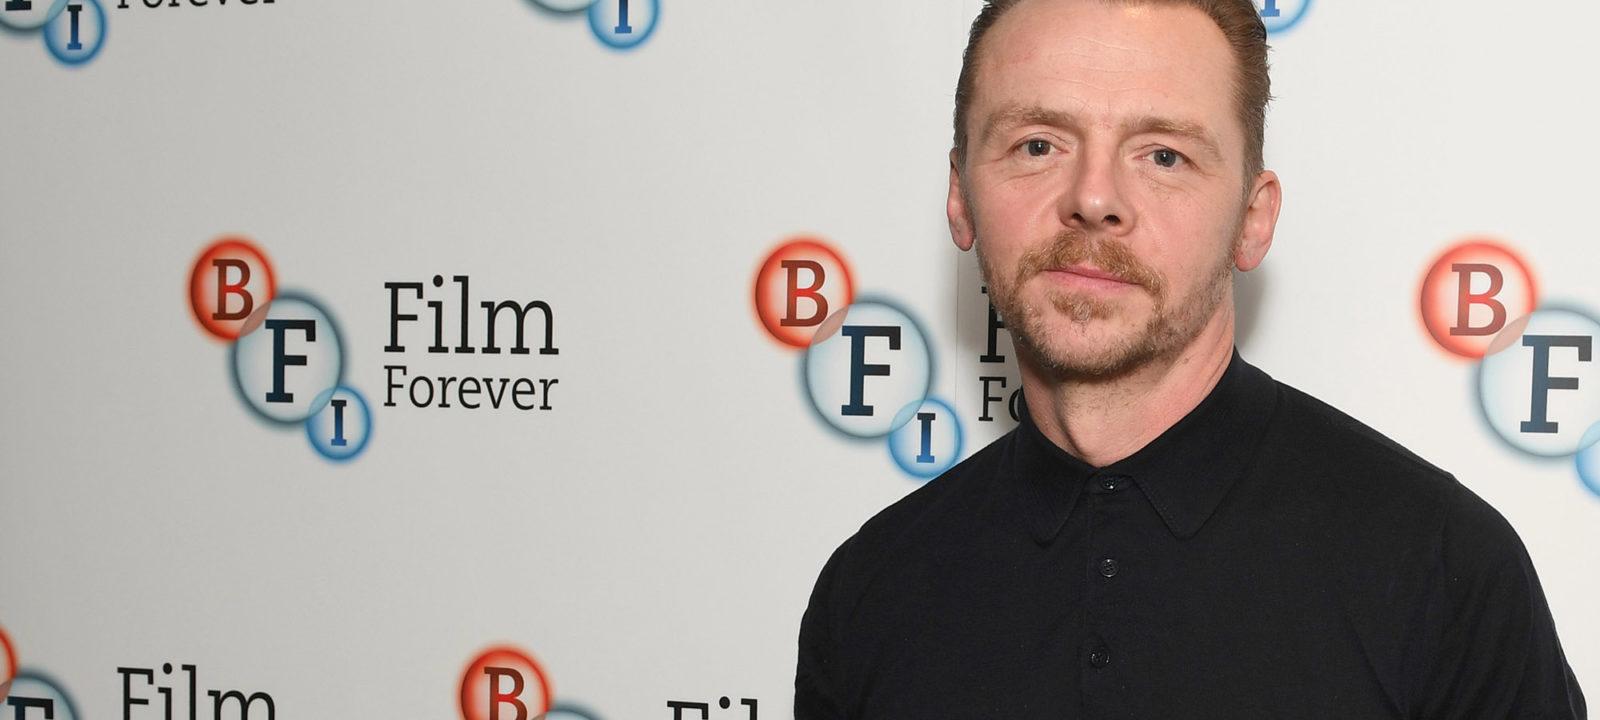 BFI Screen Epiphany With Simon Pegg